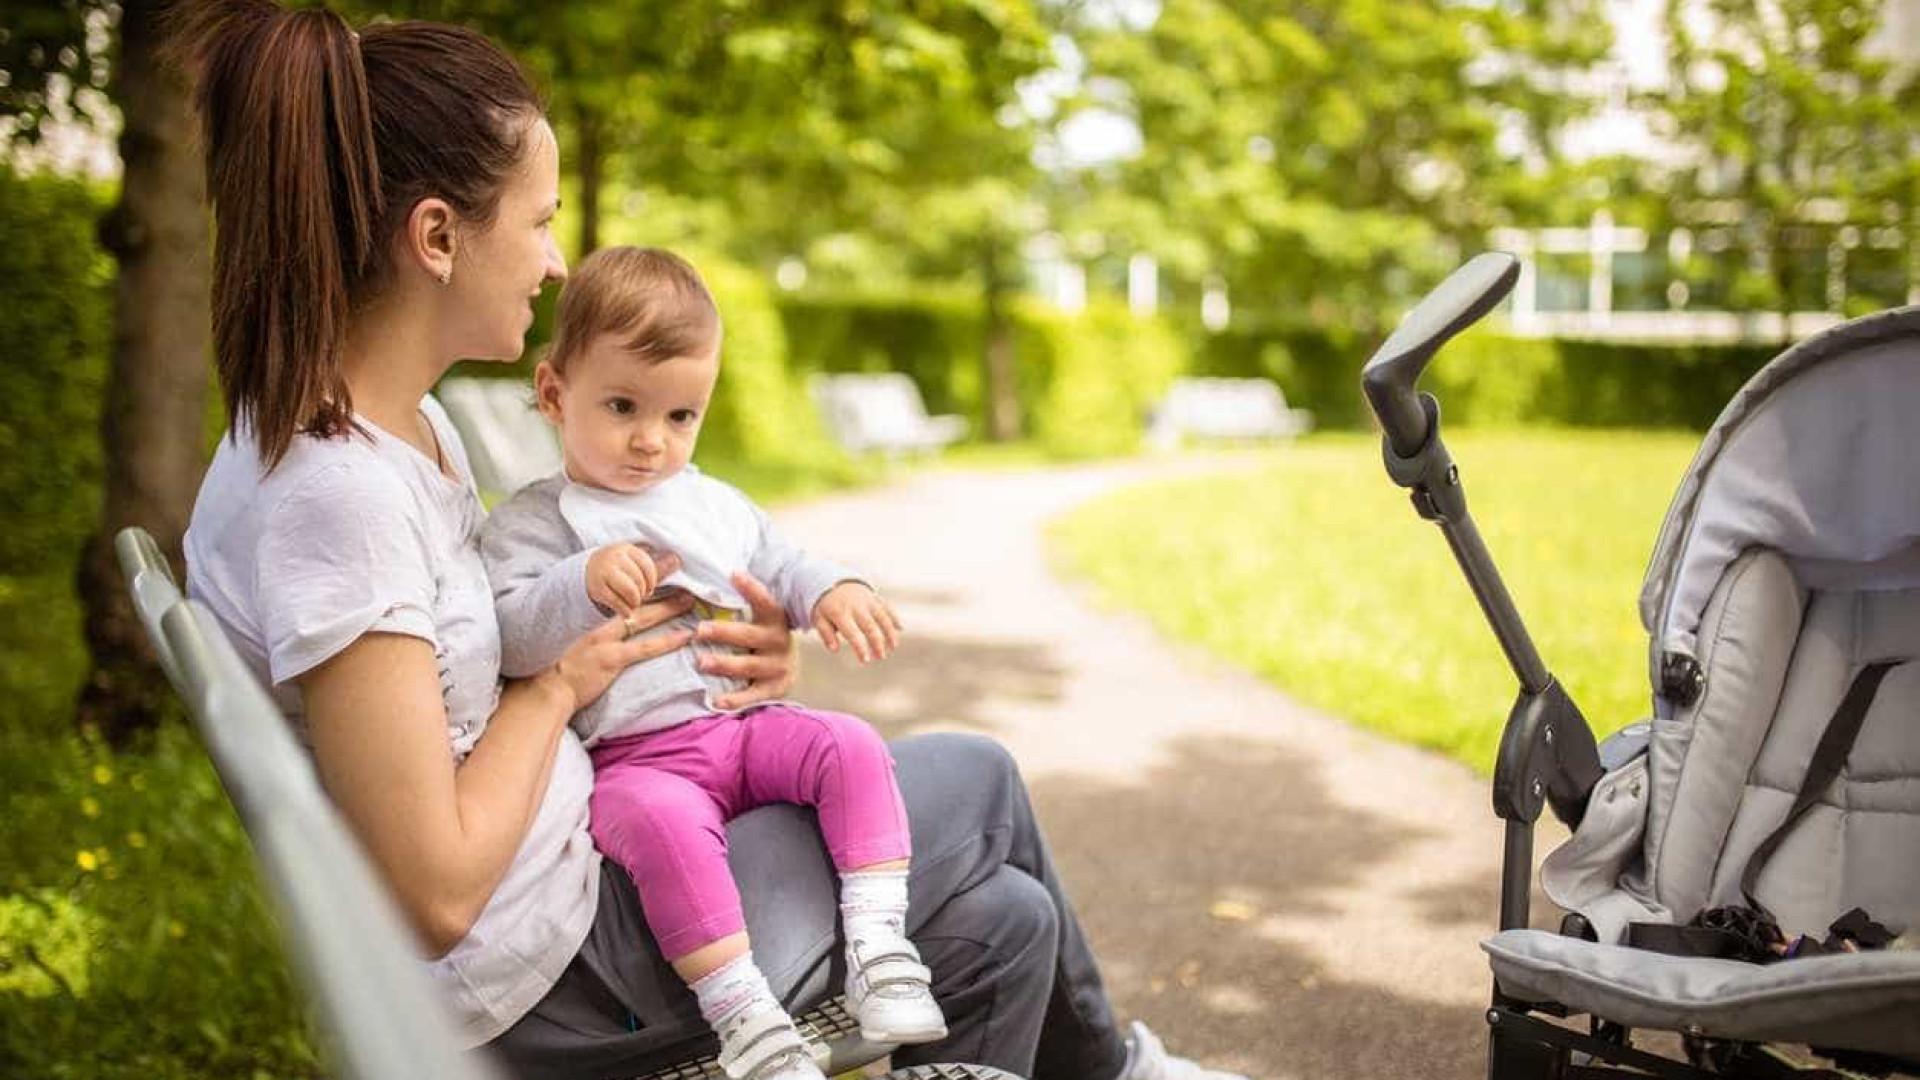 Mães tendem a trazer os filhos do seu lado esquerdo. Eis a explicação